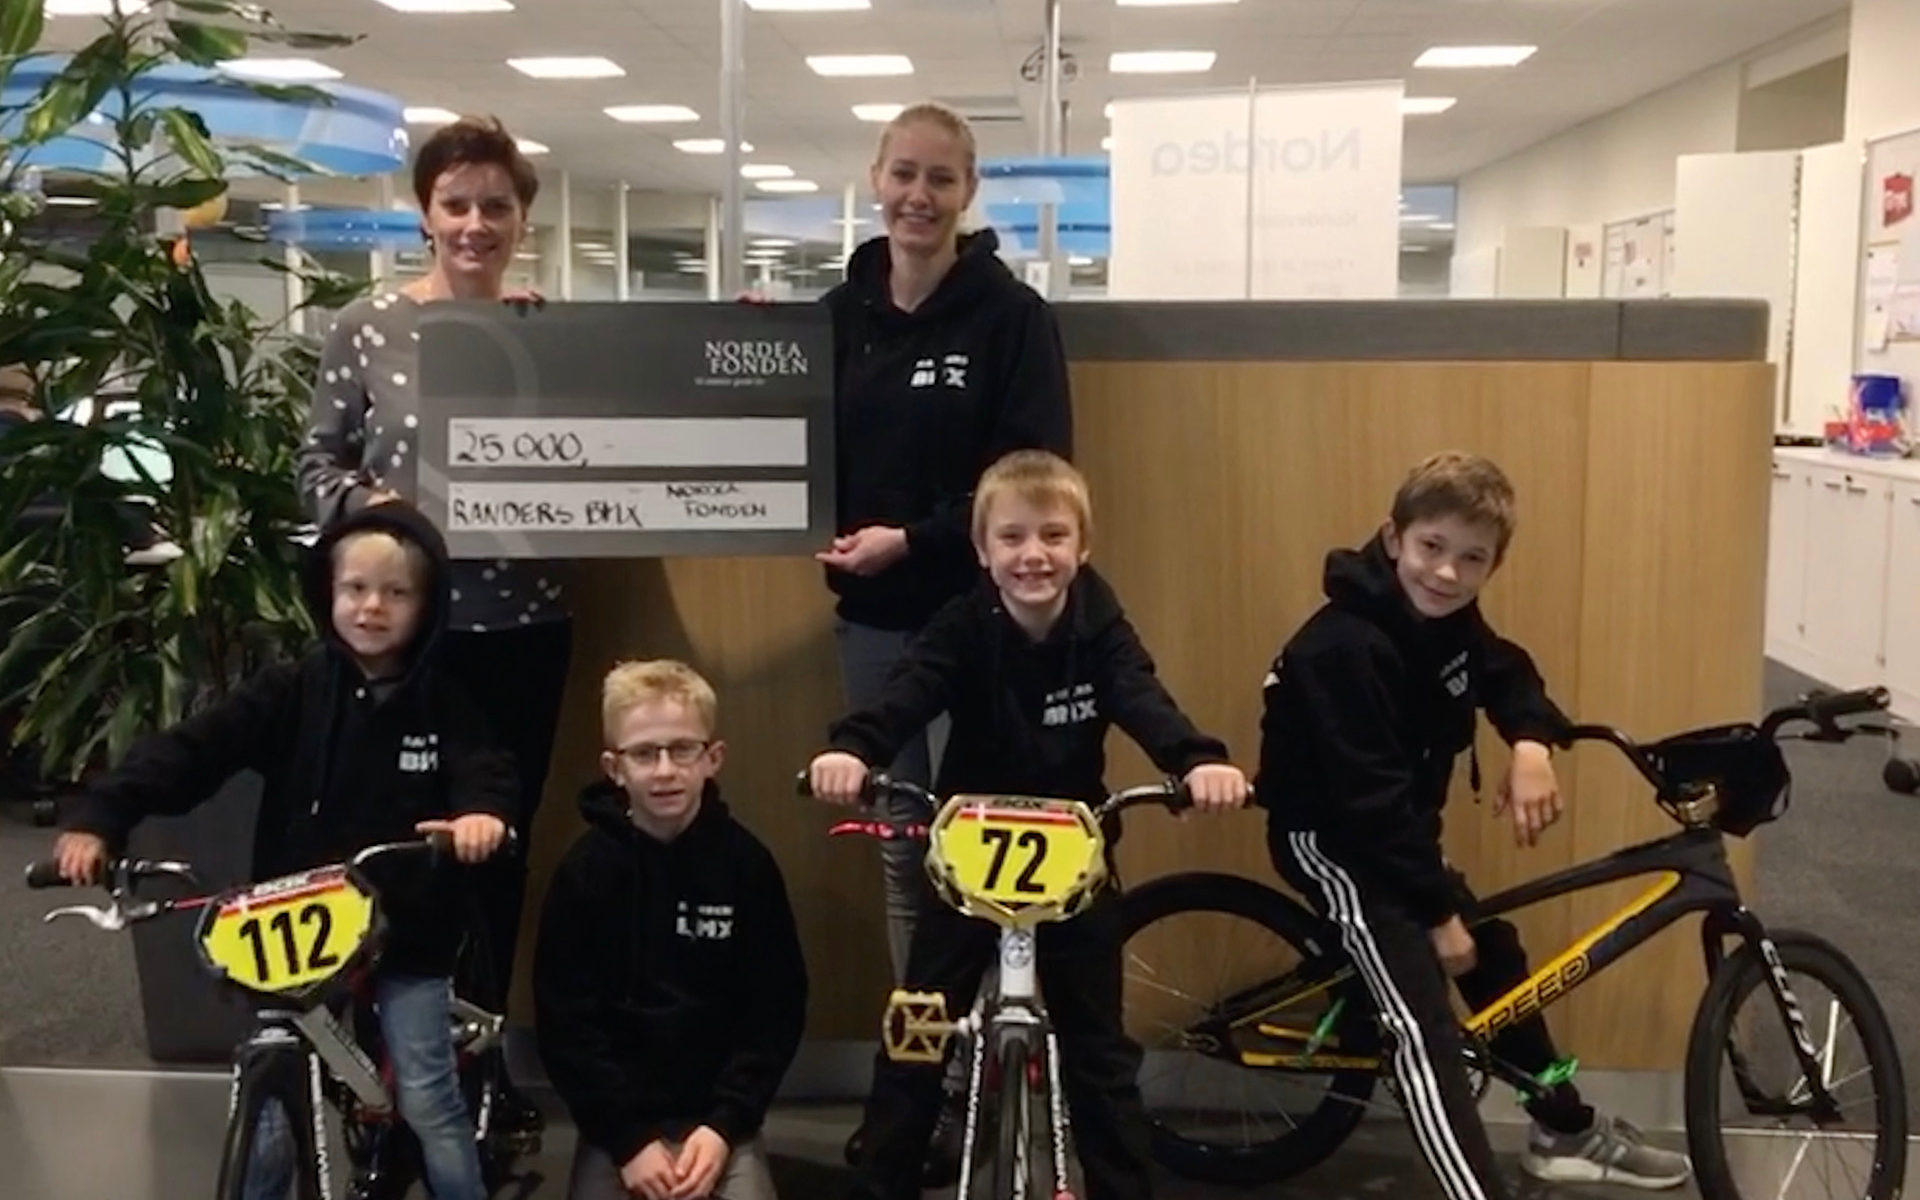 Drenge fra Randers BMX henter check på 25.000 kr. fra Nordea Fonden til ny start gate.